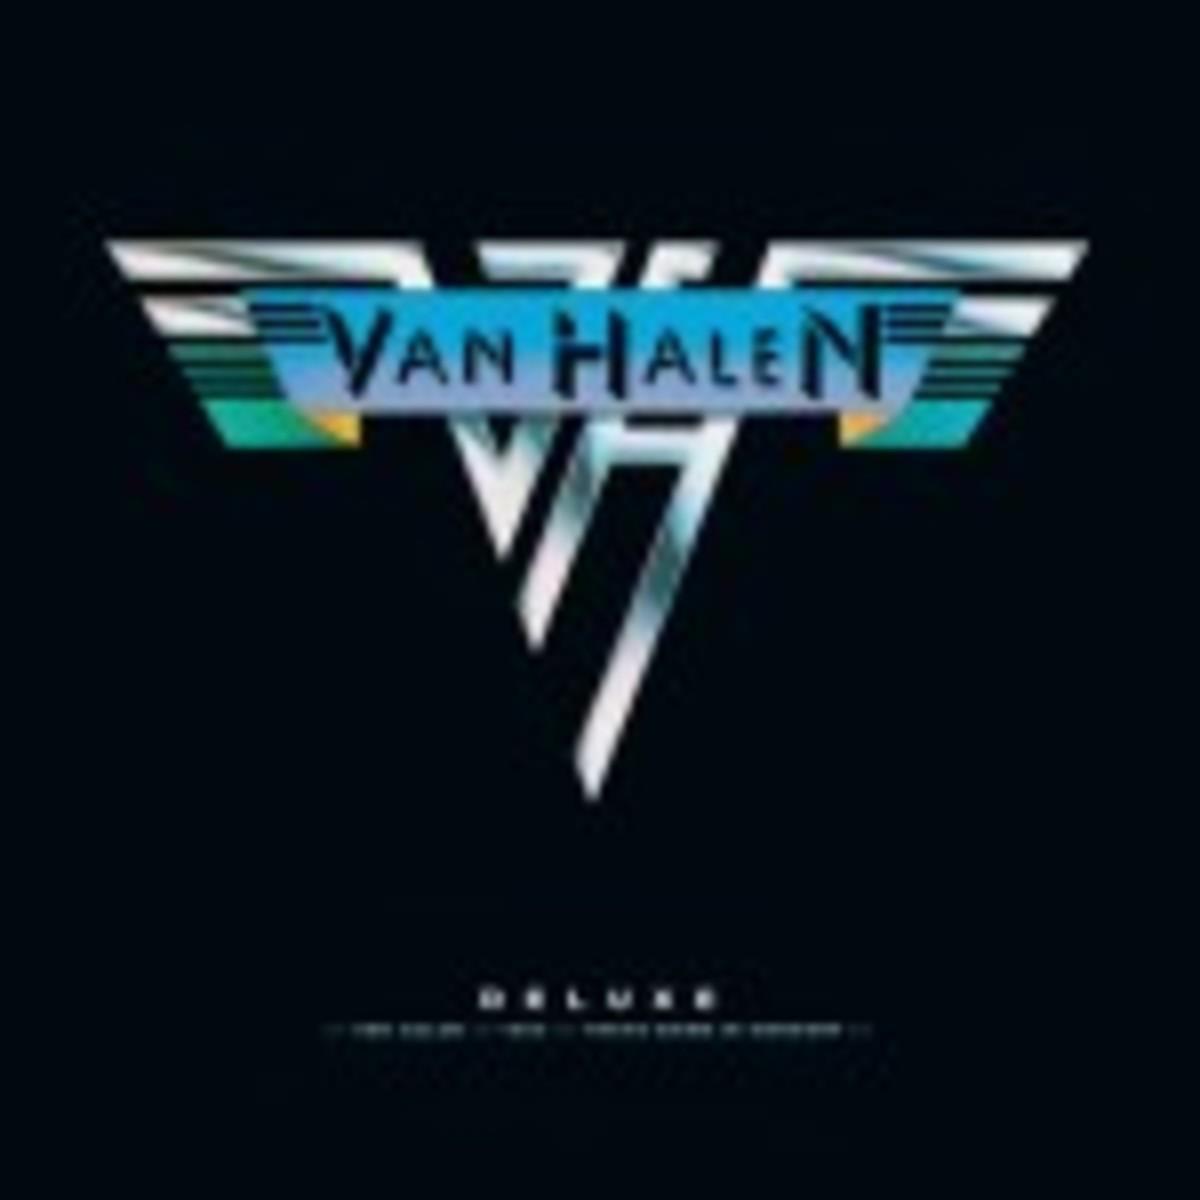 Van Halen Deluxe